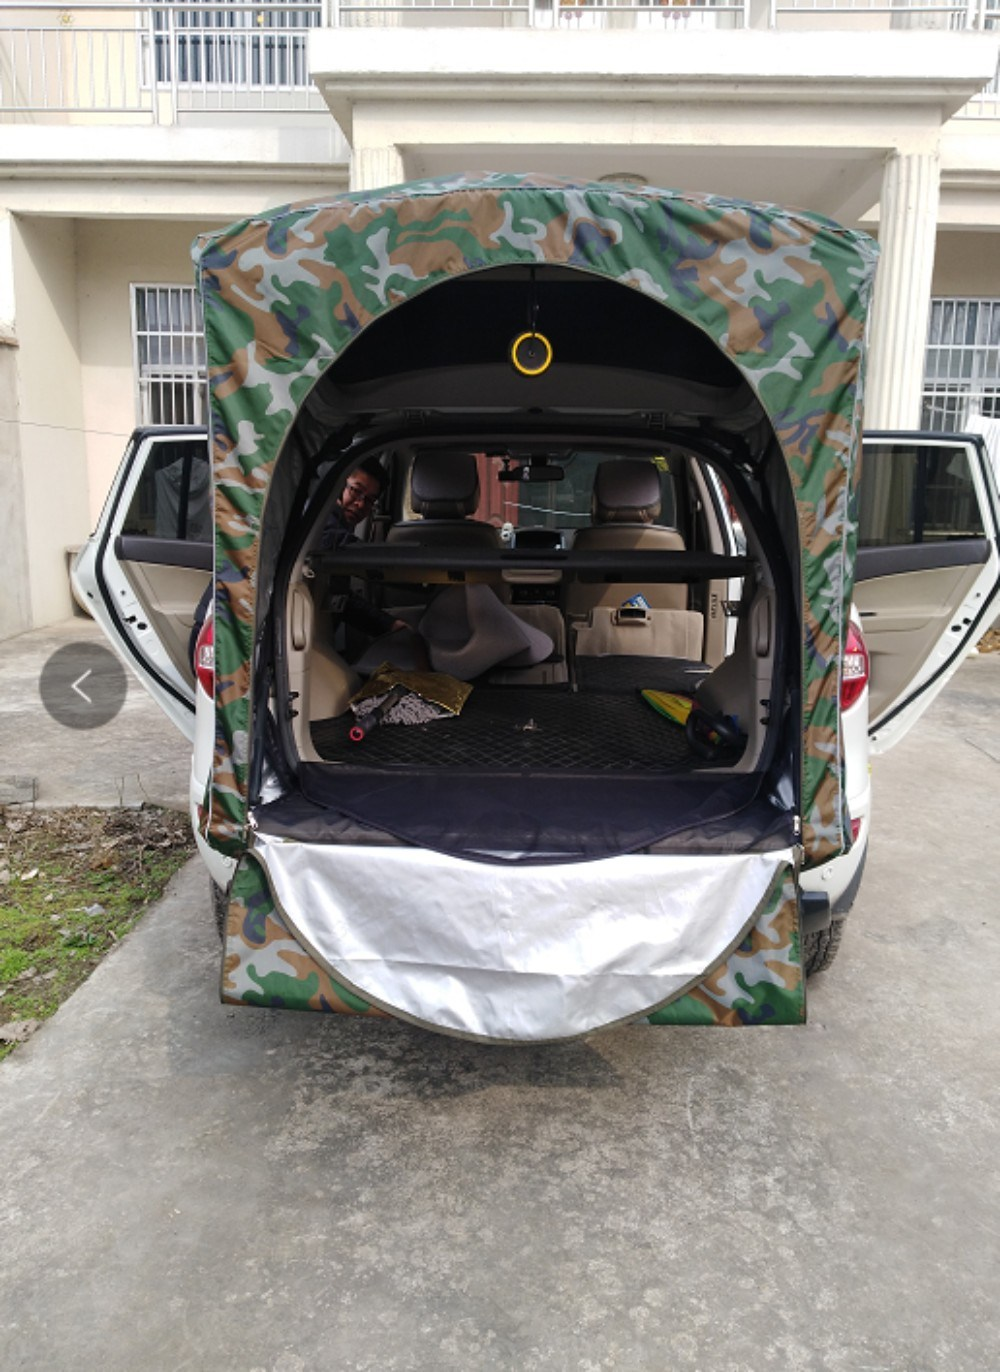 이효리 제주 속초 감성 캠핑 카박 도킹 차량 후방 연결 차박하기 좋은 차 텐트 쉘터 용품, 01-큰 꽃 위장